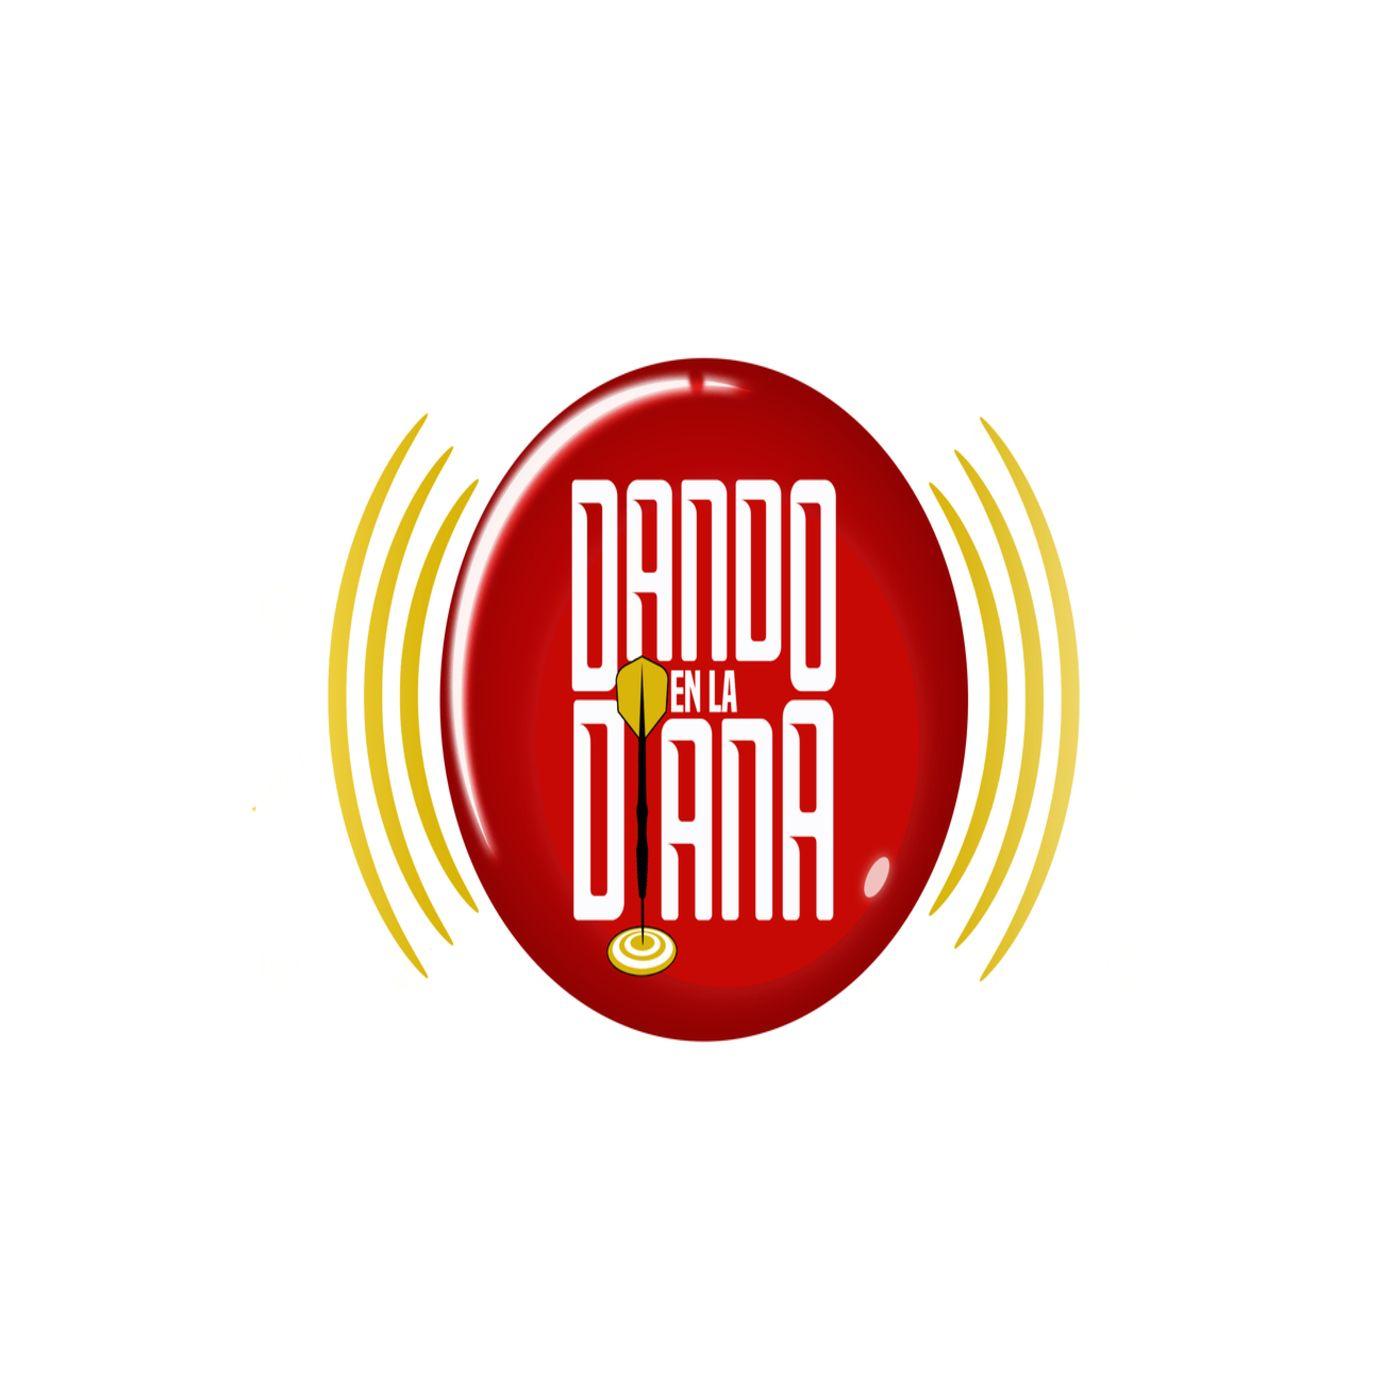 Dando en la Diana - Episodio 73 - 9 Diciembre 2020 - Hey Santana / Dra. Claudia Musa